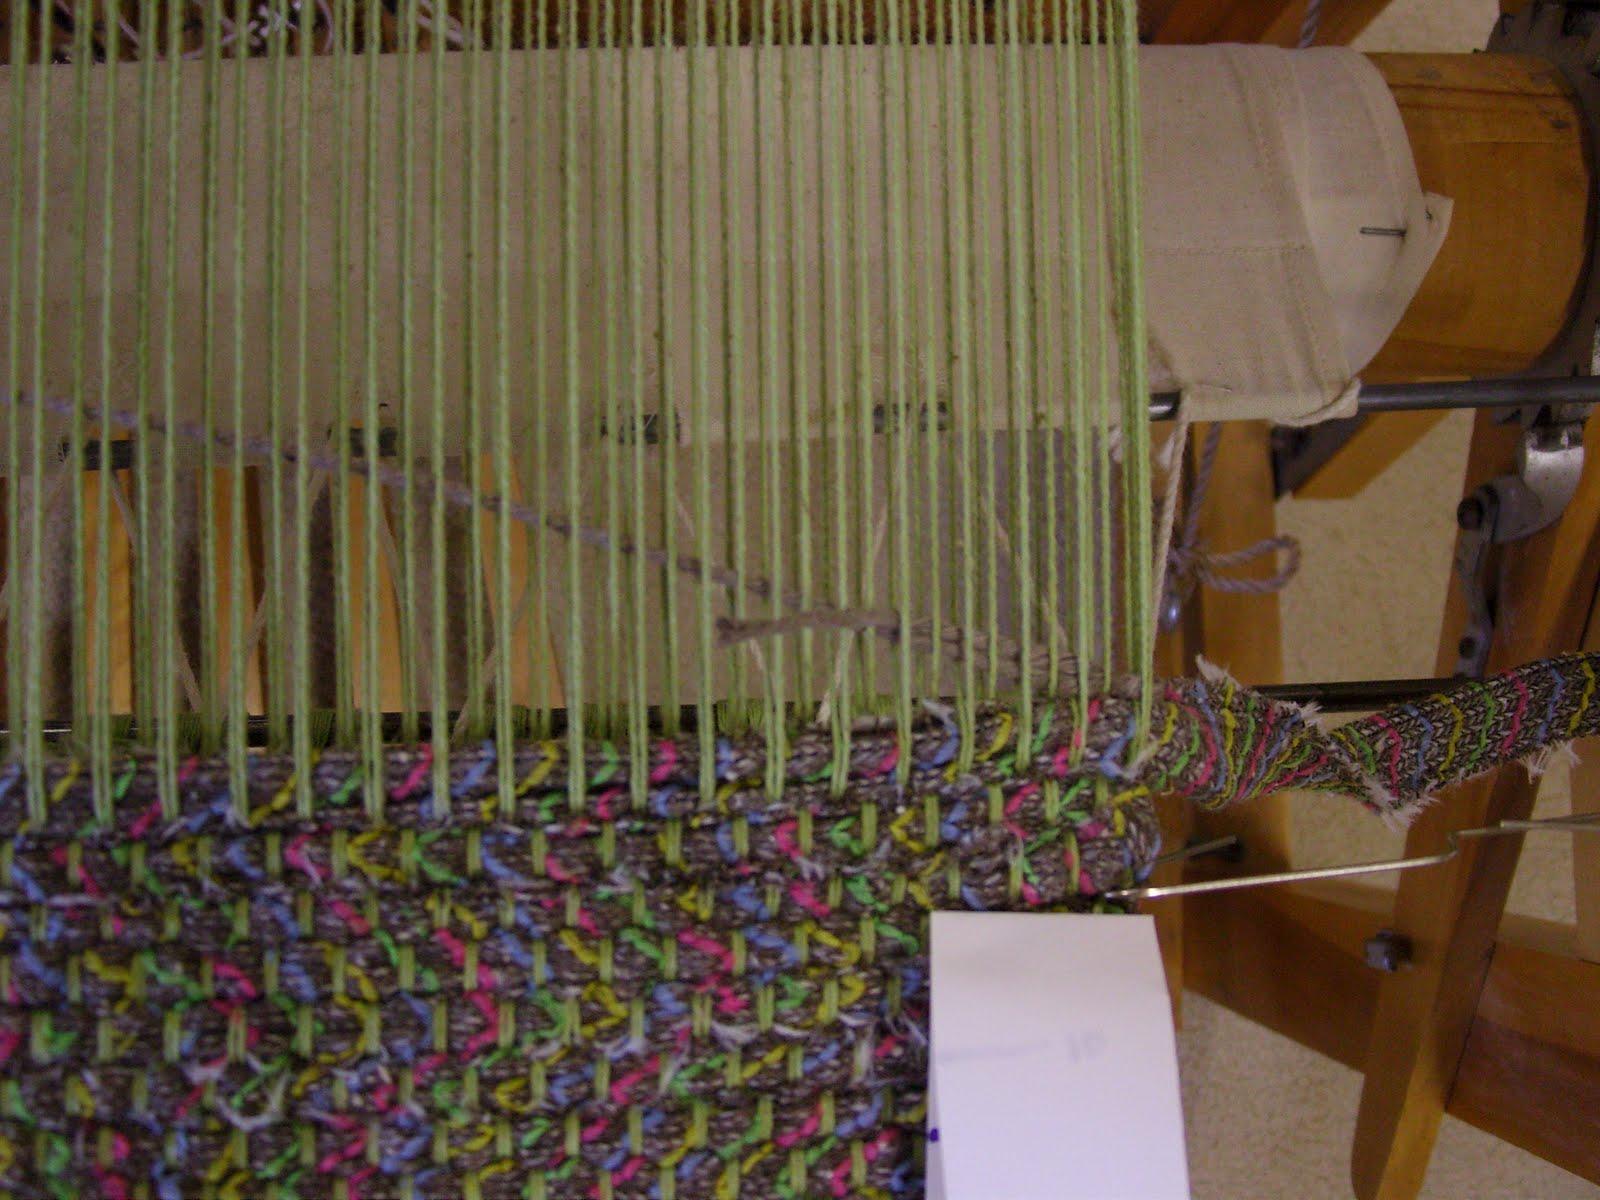 Daisy Hill Weaving Studio: Rag Rug Weaving Tips